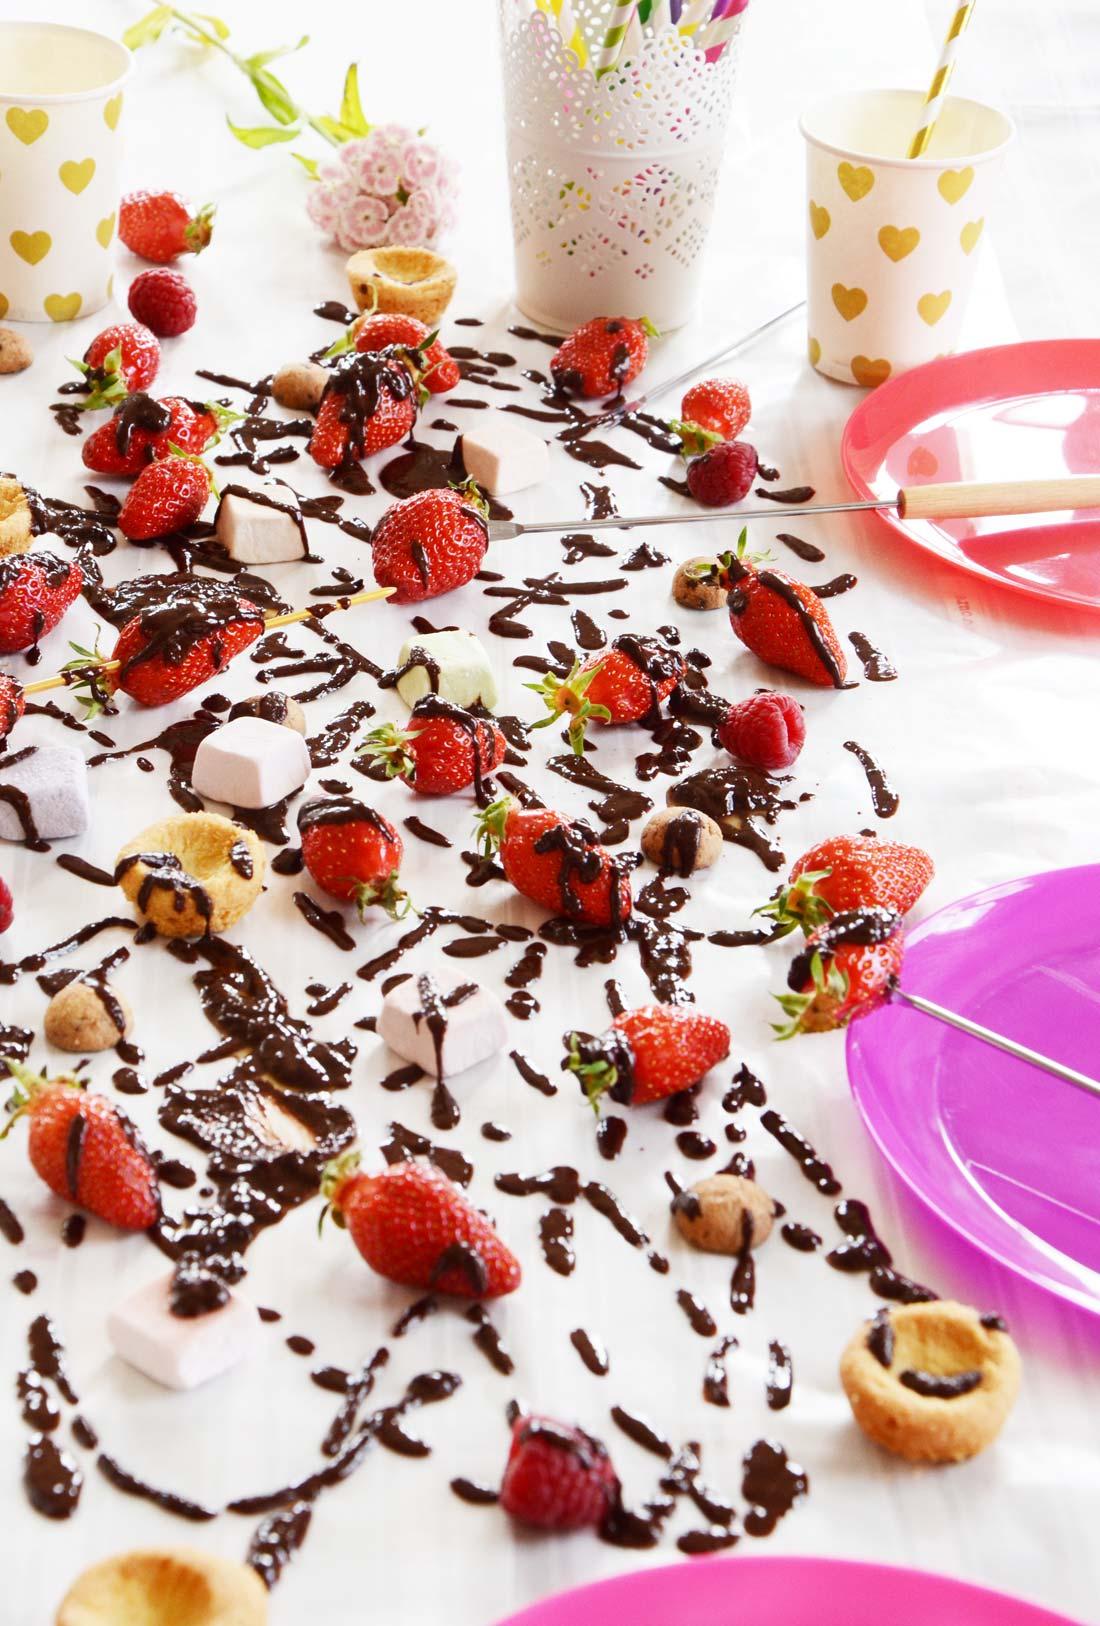 recette de Fondue au chocolat et aux fraises maison